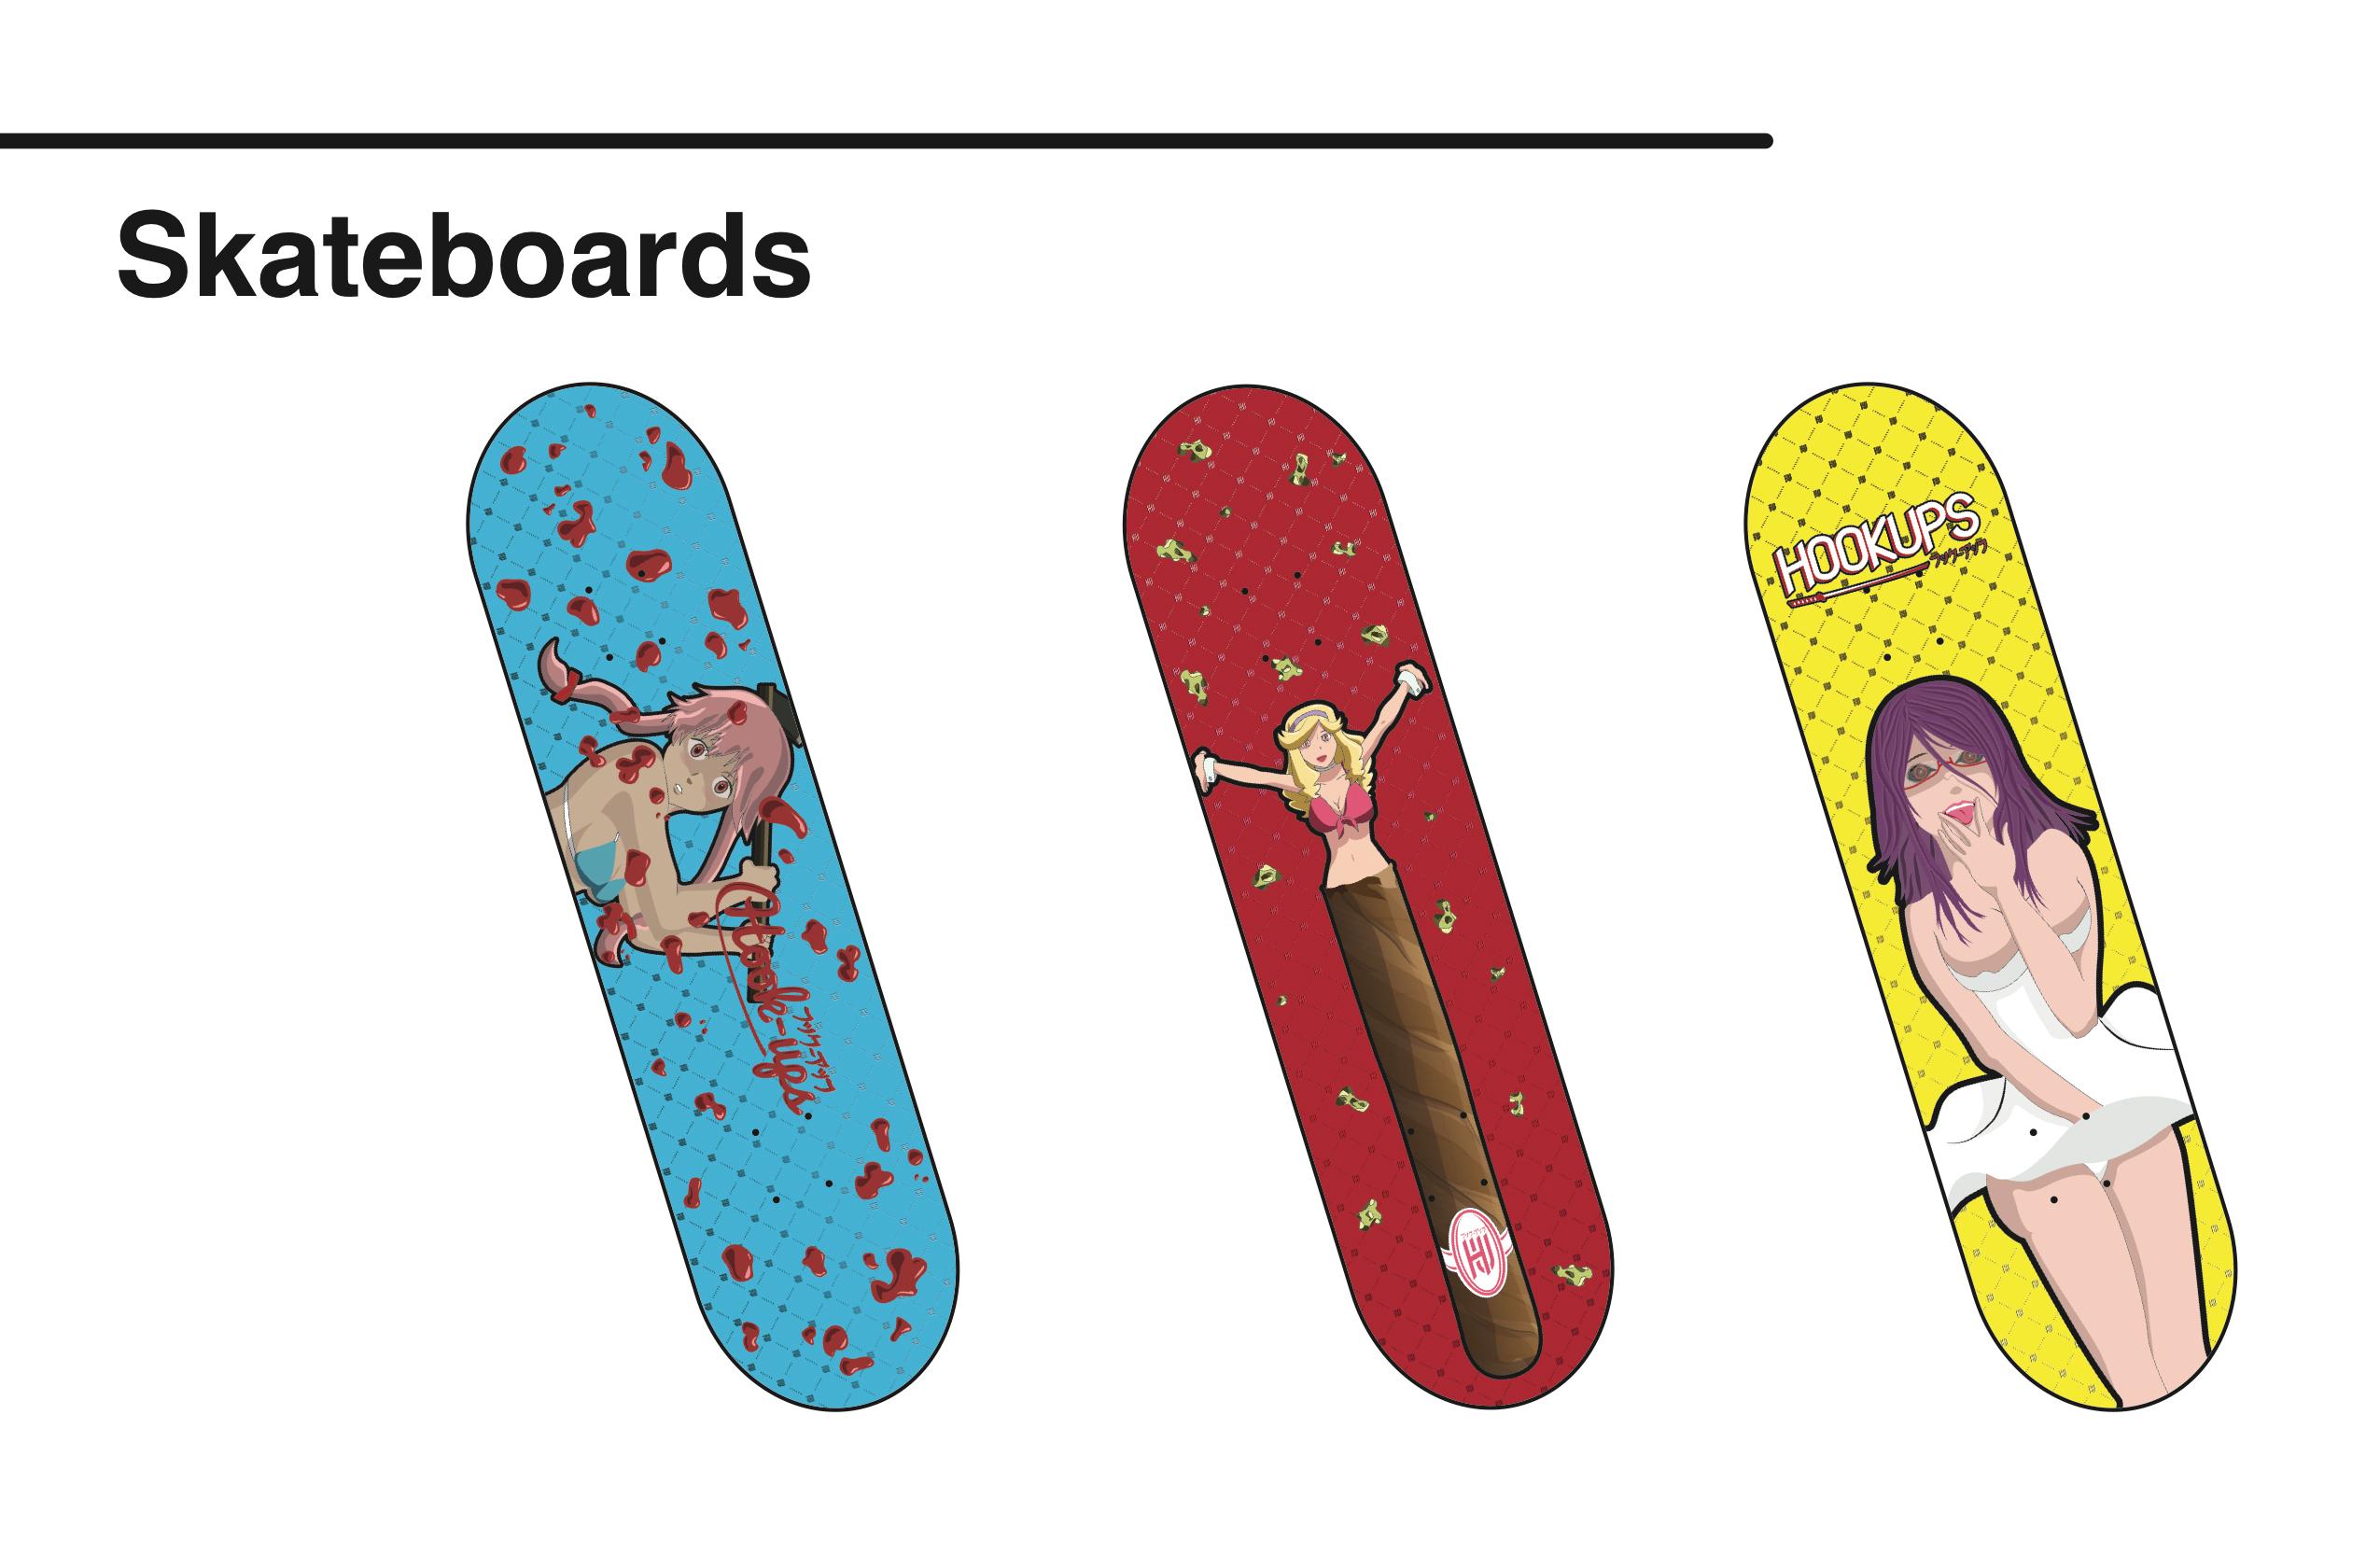 Hookups snowboards on sale